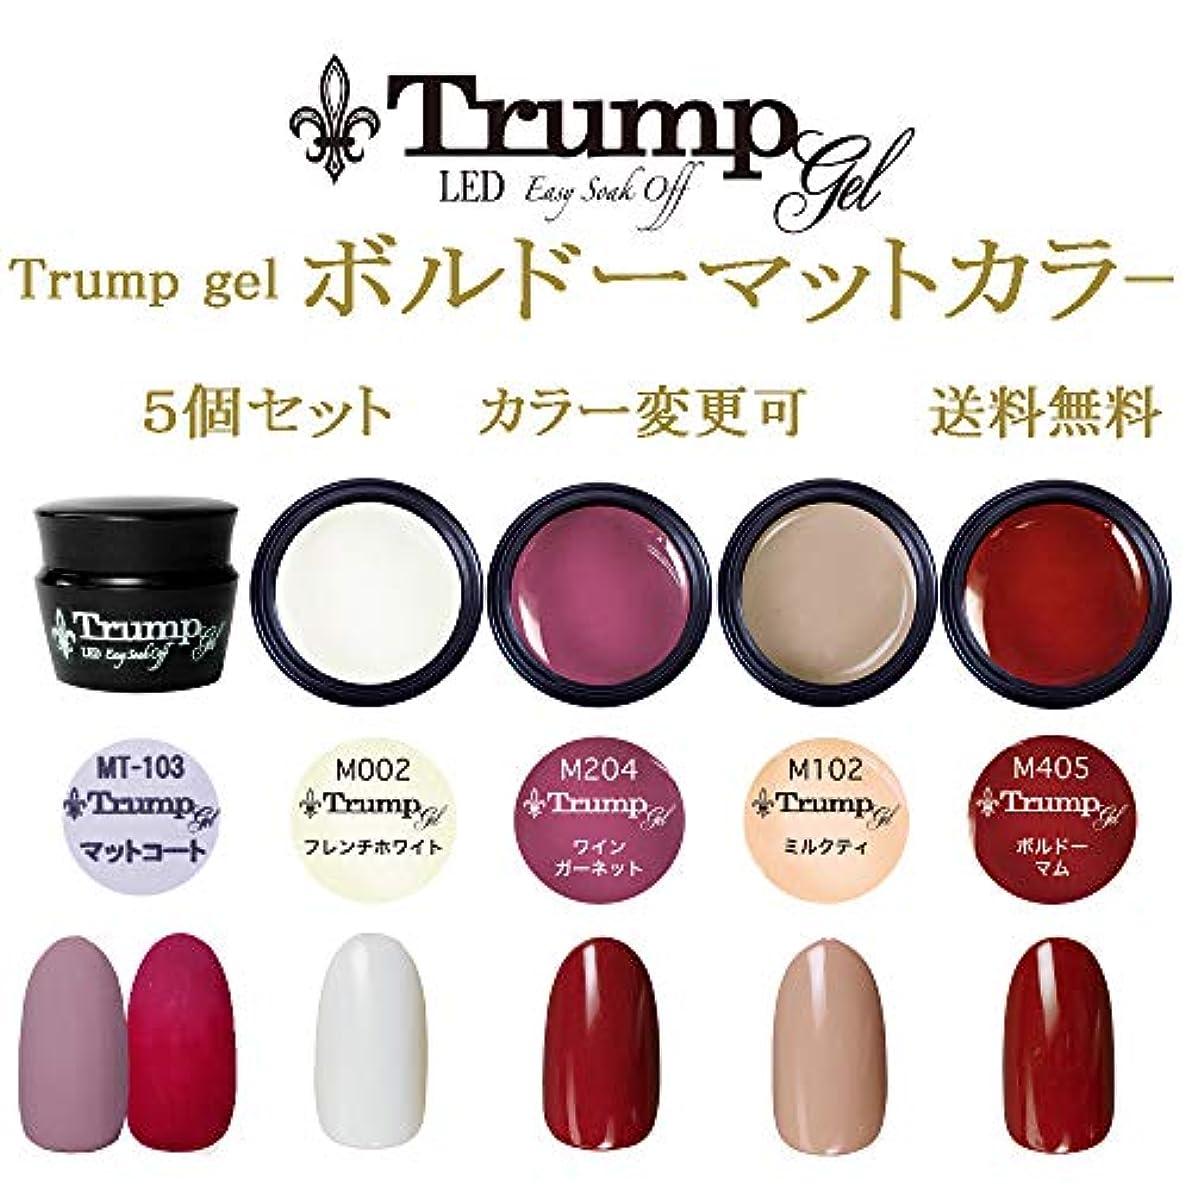 不満バー戦い日本製 Trump gel トランプジェル ボルドー マット カラー 選べる カラージェル 5個セット マットコート ホワイト ワイン レッド ベージュ